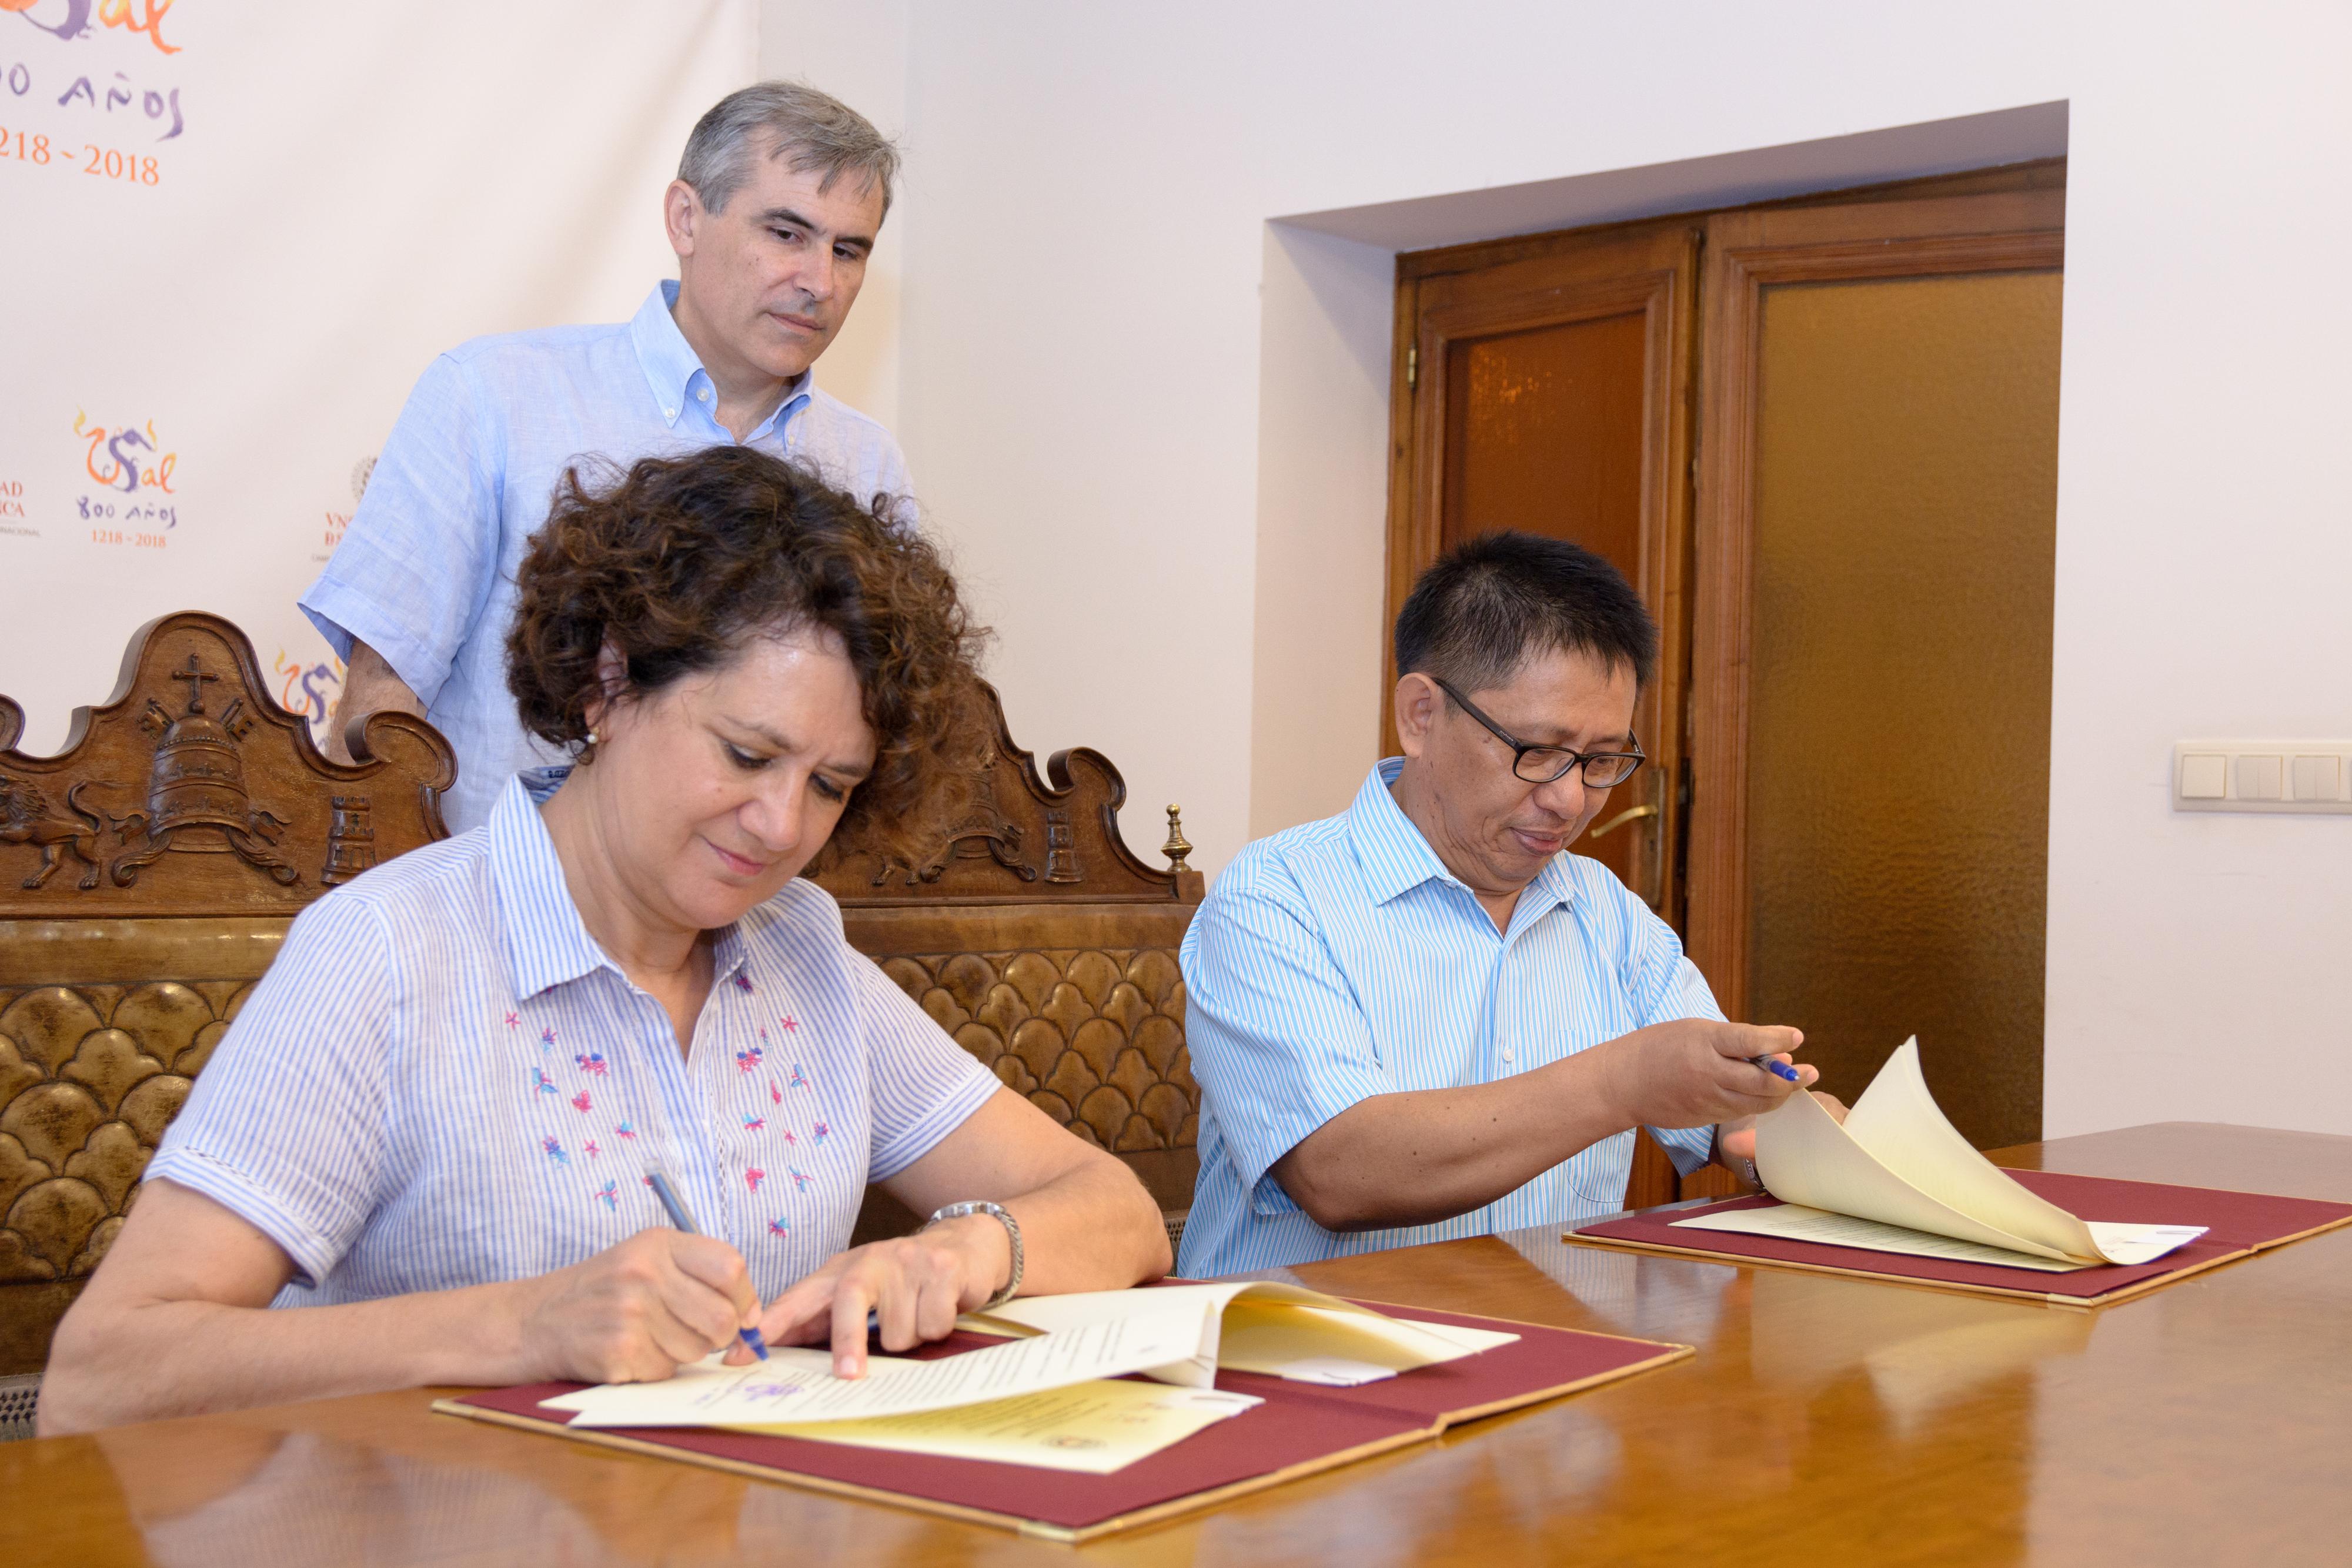 Las universidades de Salamanca y Sam Ratulangi impulsan la docencia y la movilidad internacional